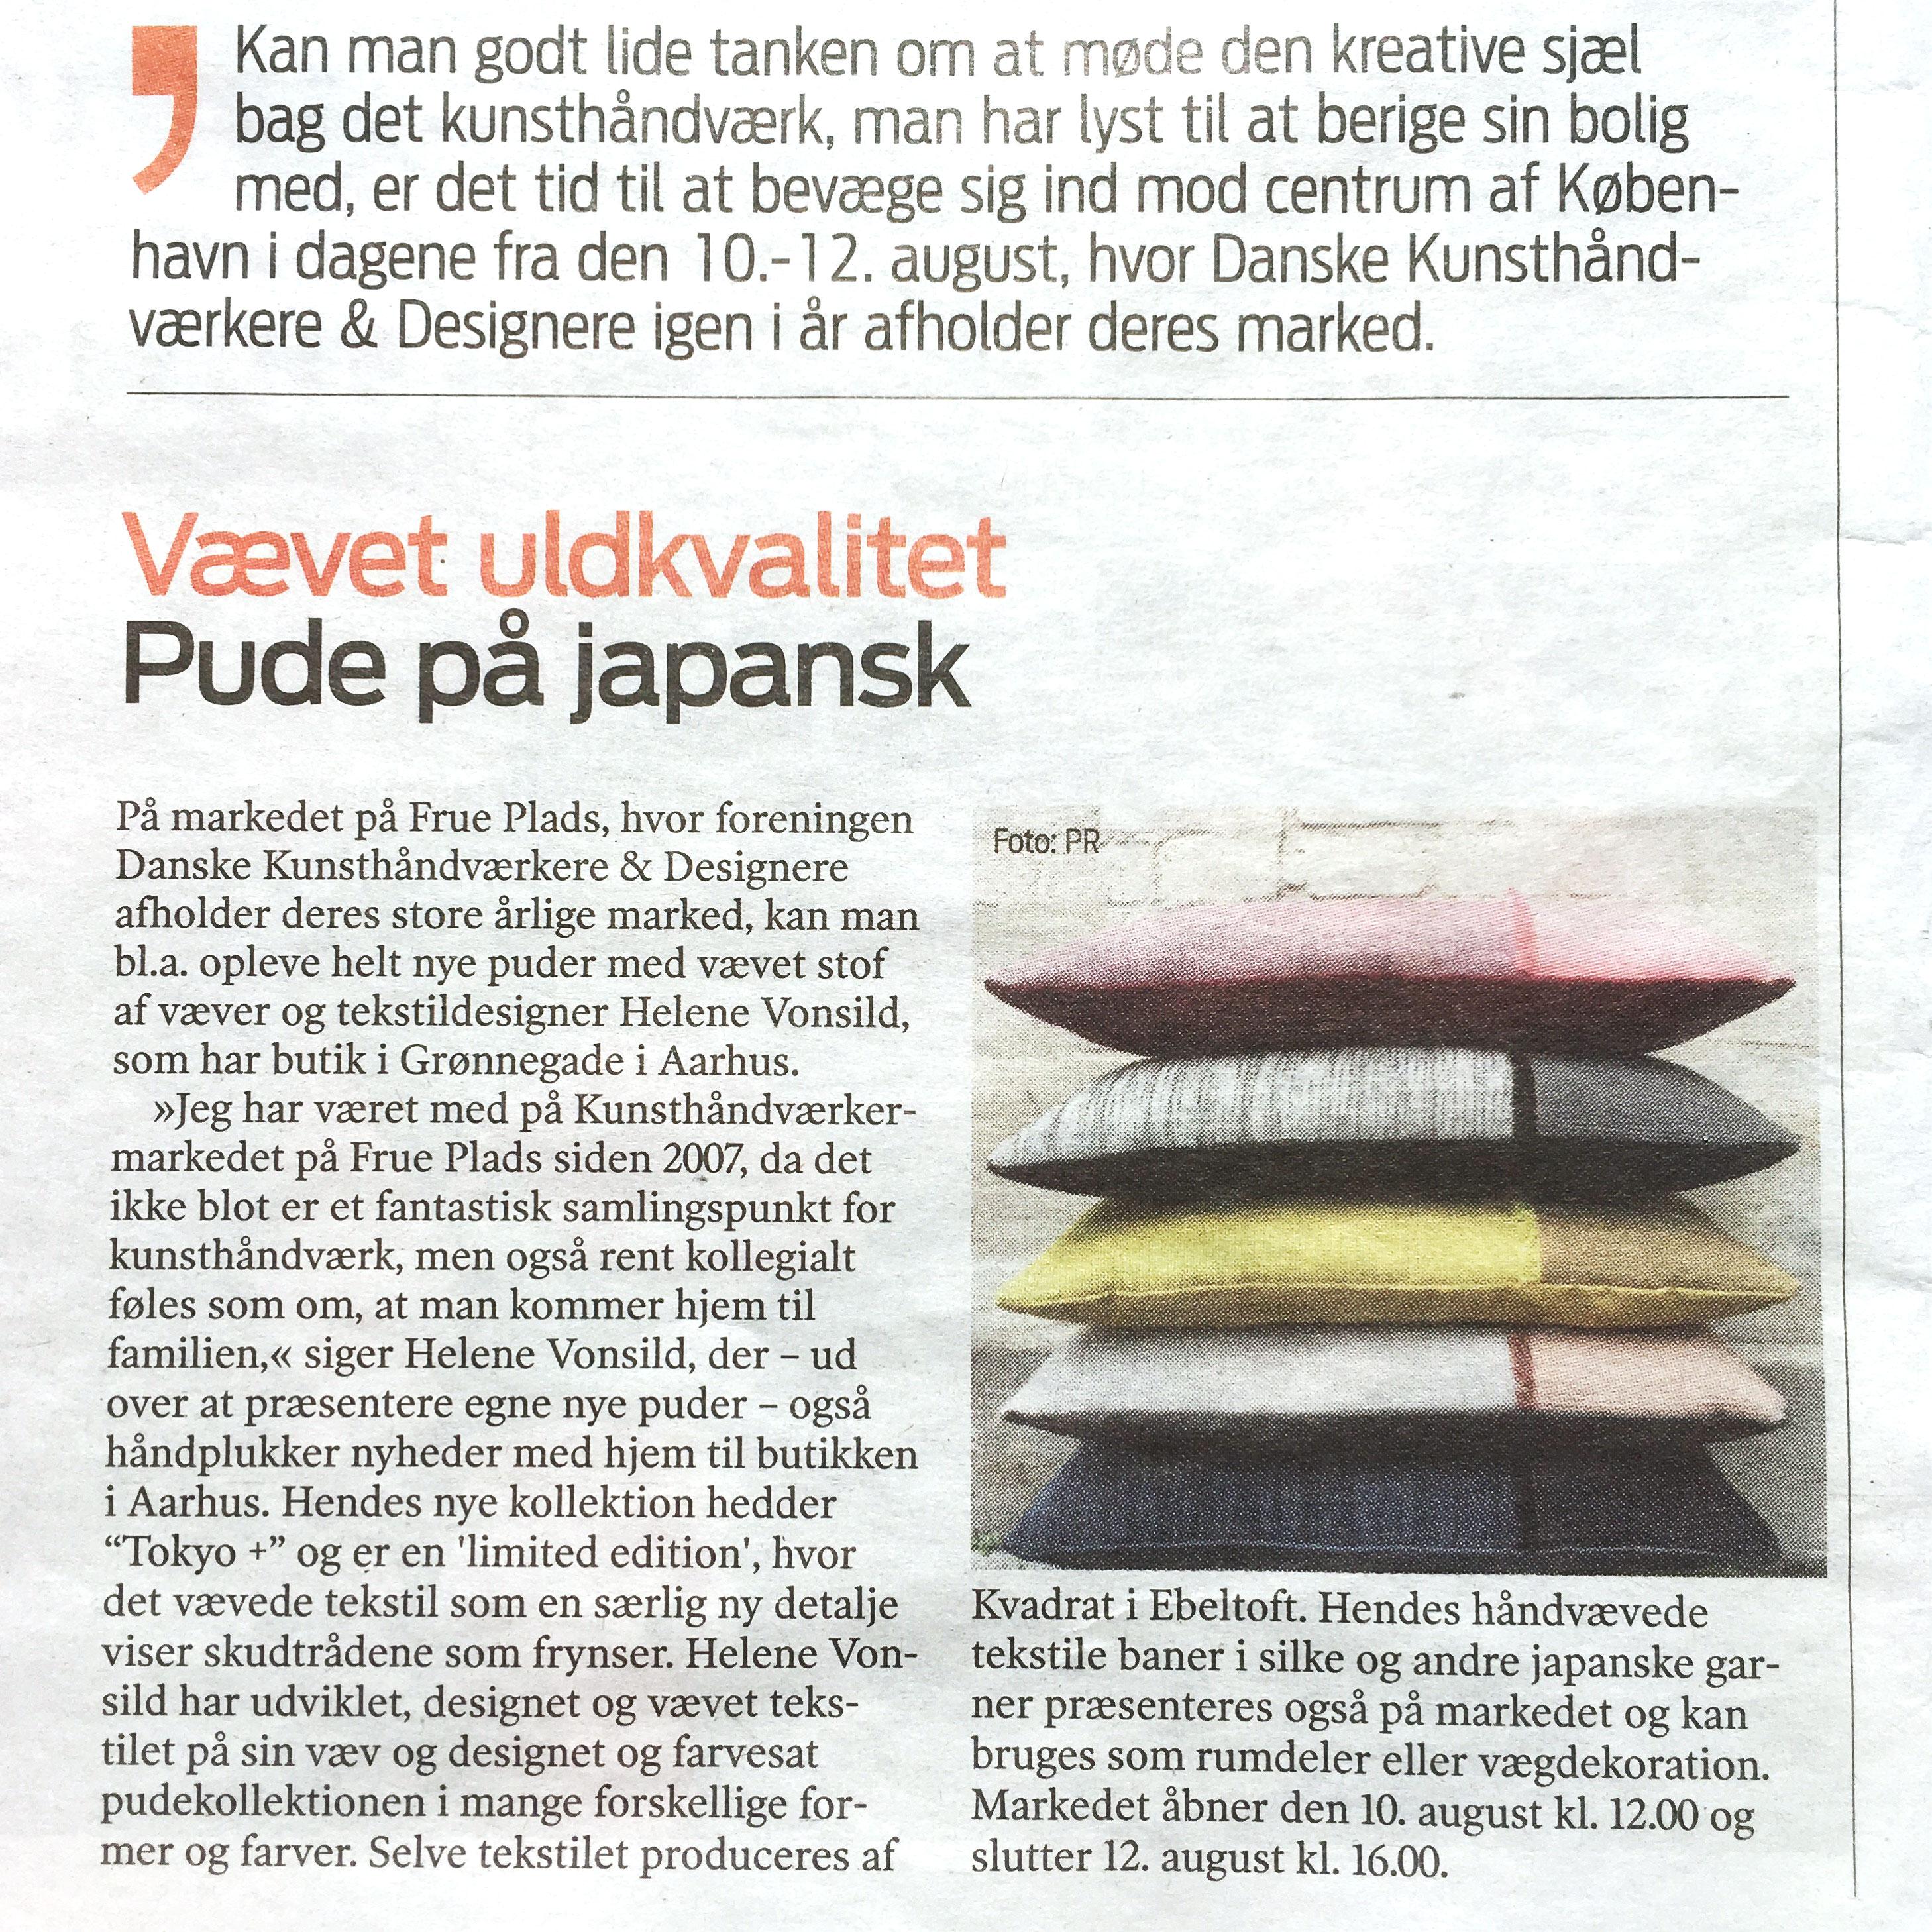 Spændende artikel fra JP om nye Tokyo + puder.